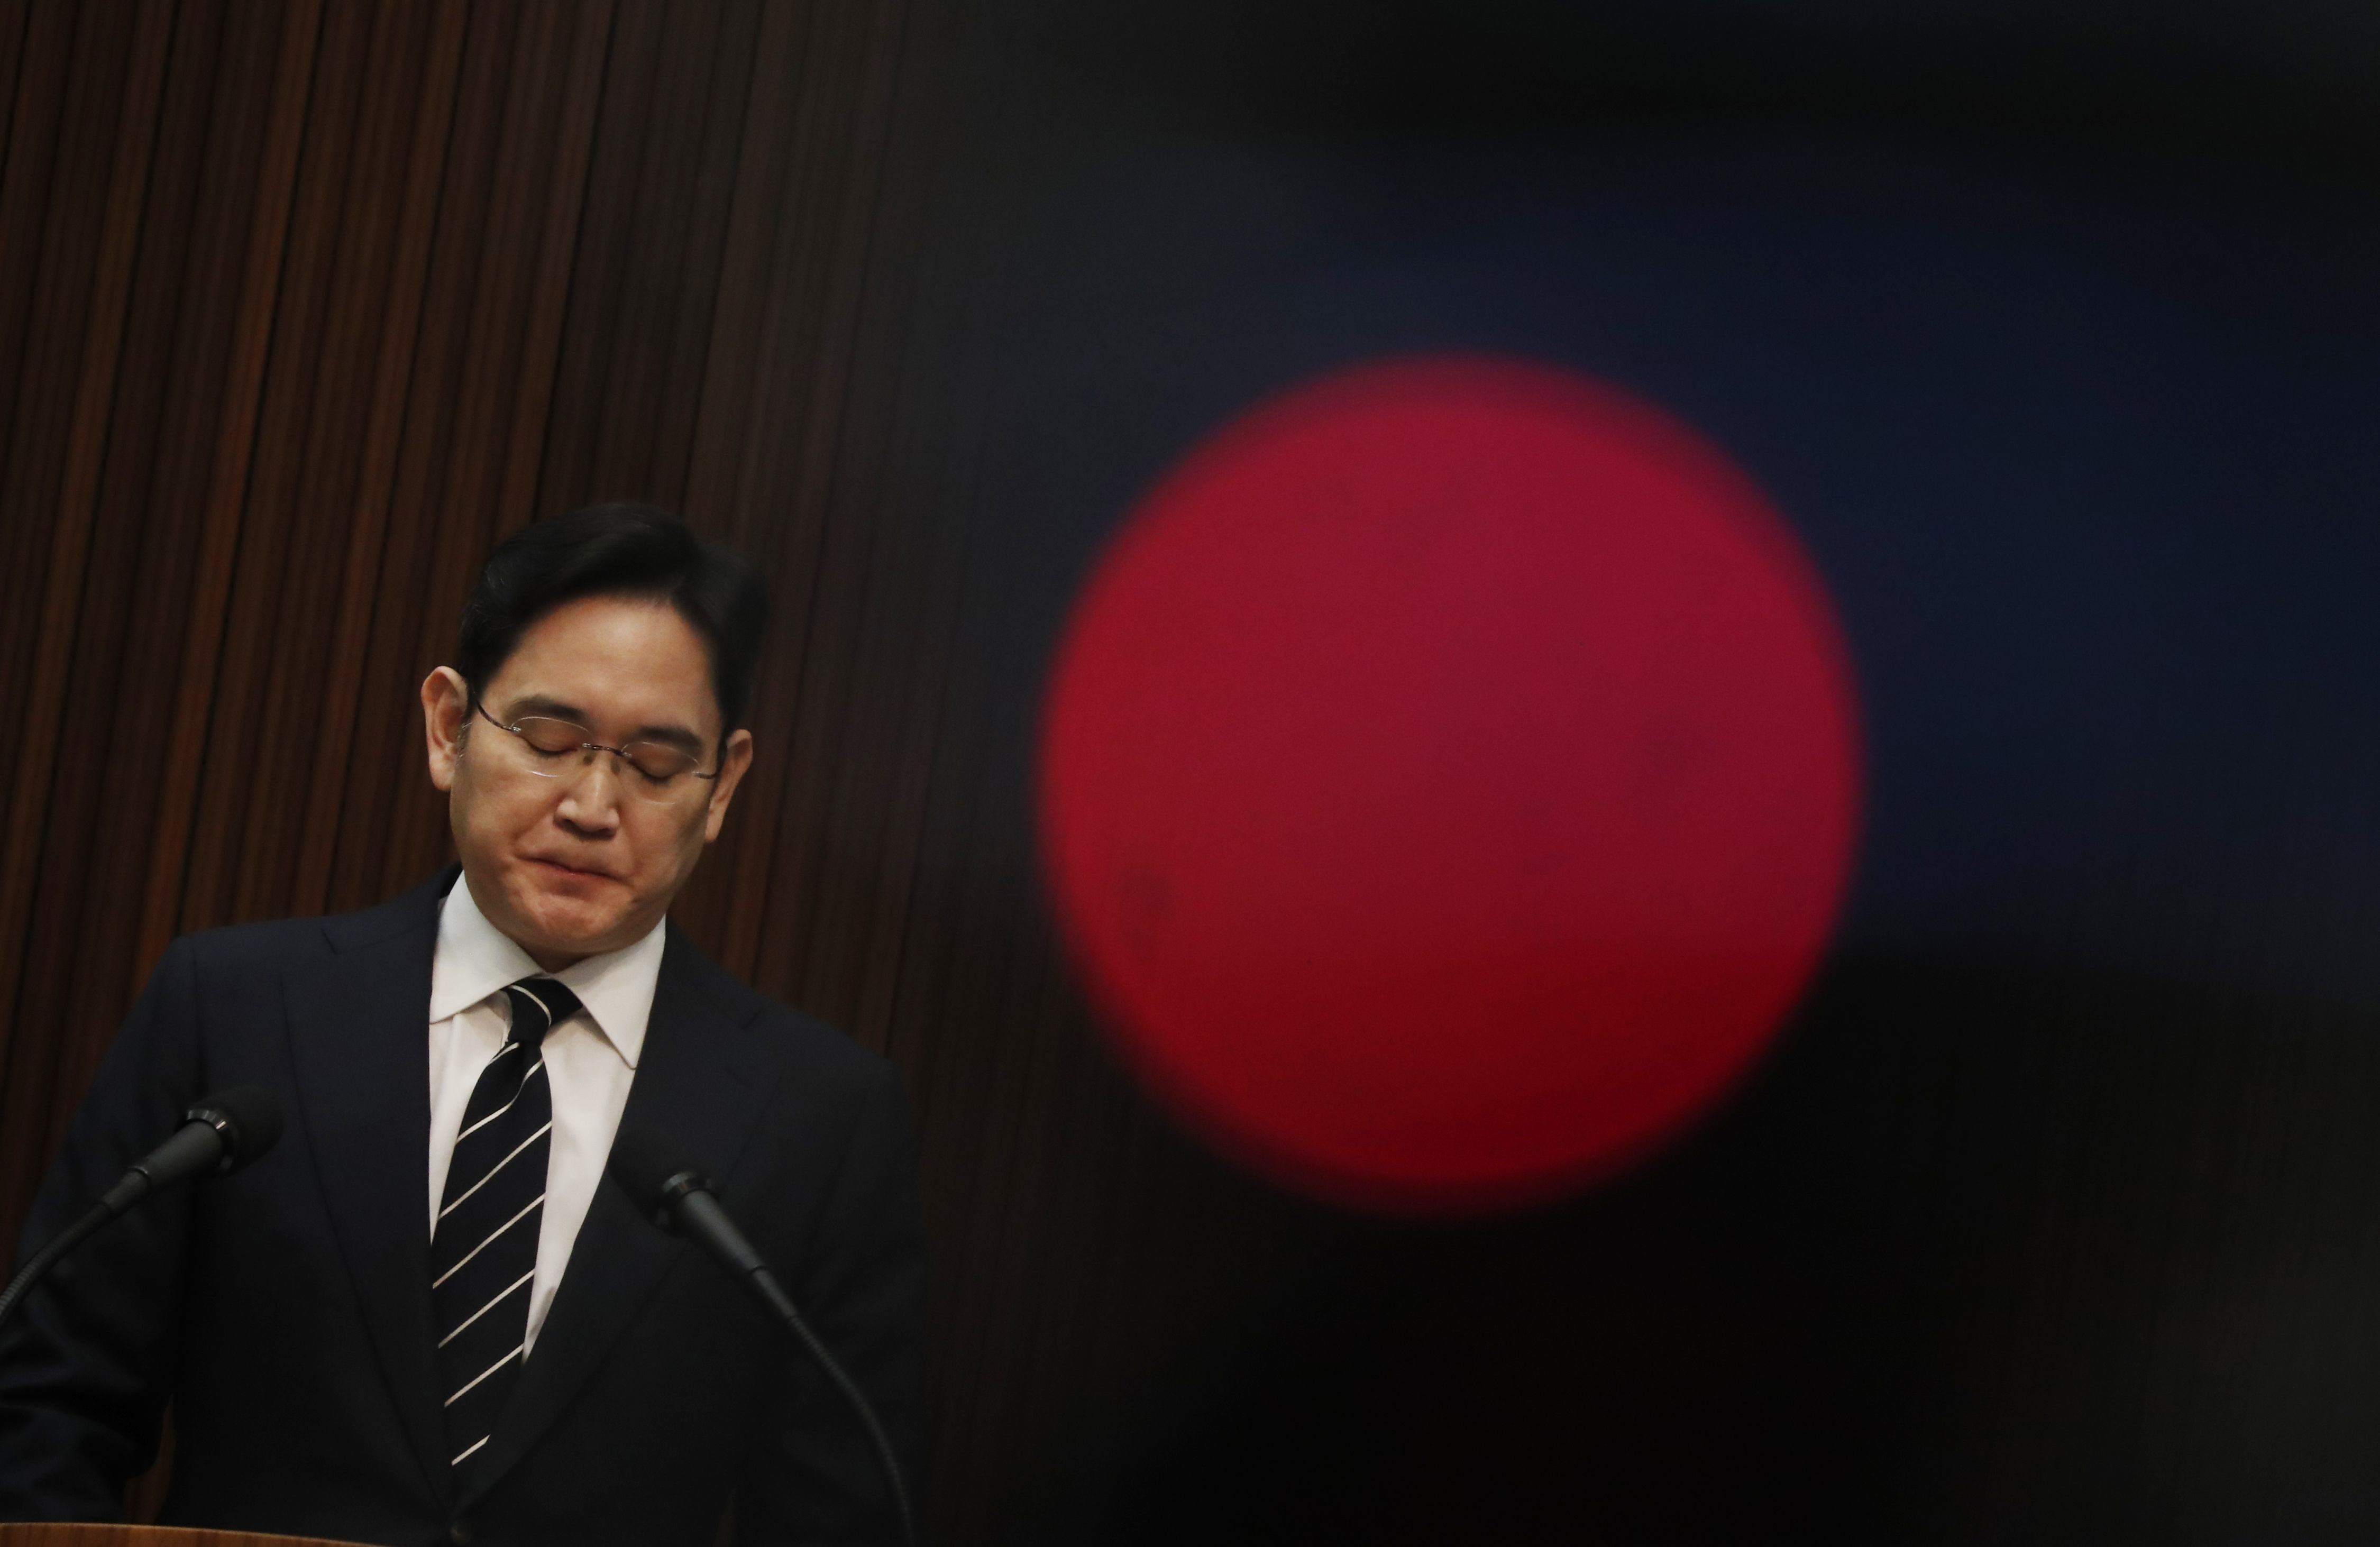 Kezdeményezték a Samsung vezetőjének letartóztatását